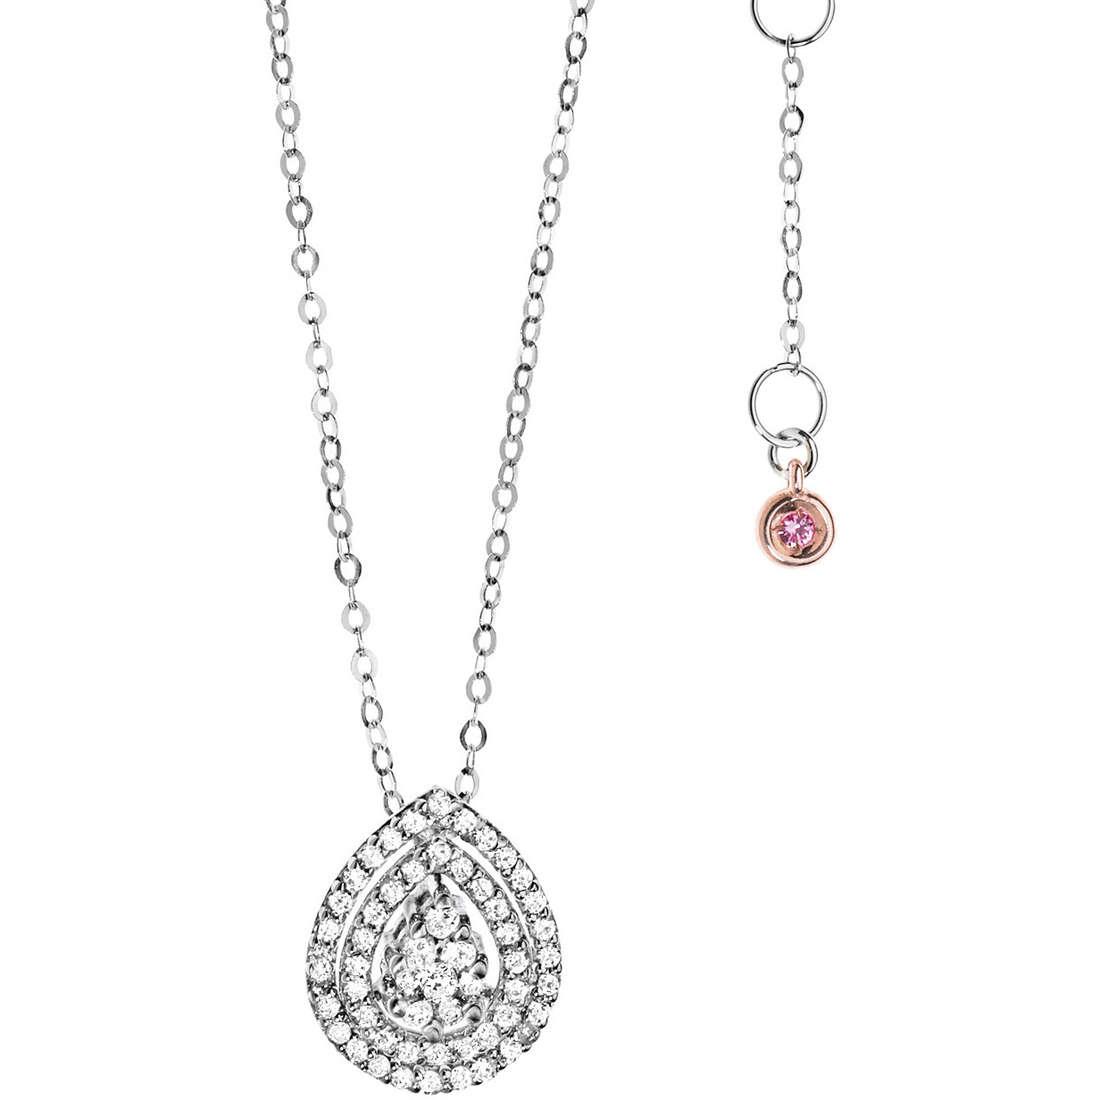 collana donna gioielli Comete Pietre preziose colorate GLB 950